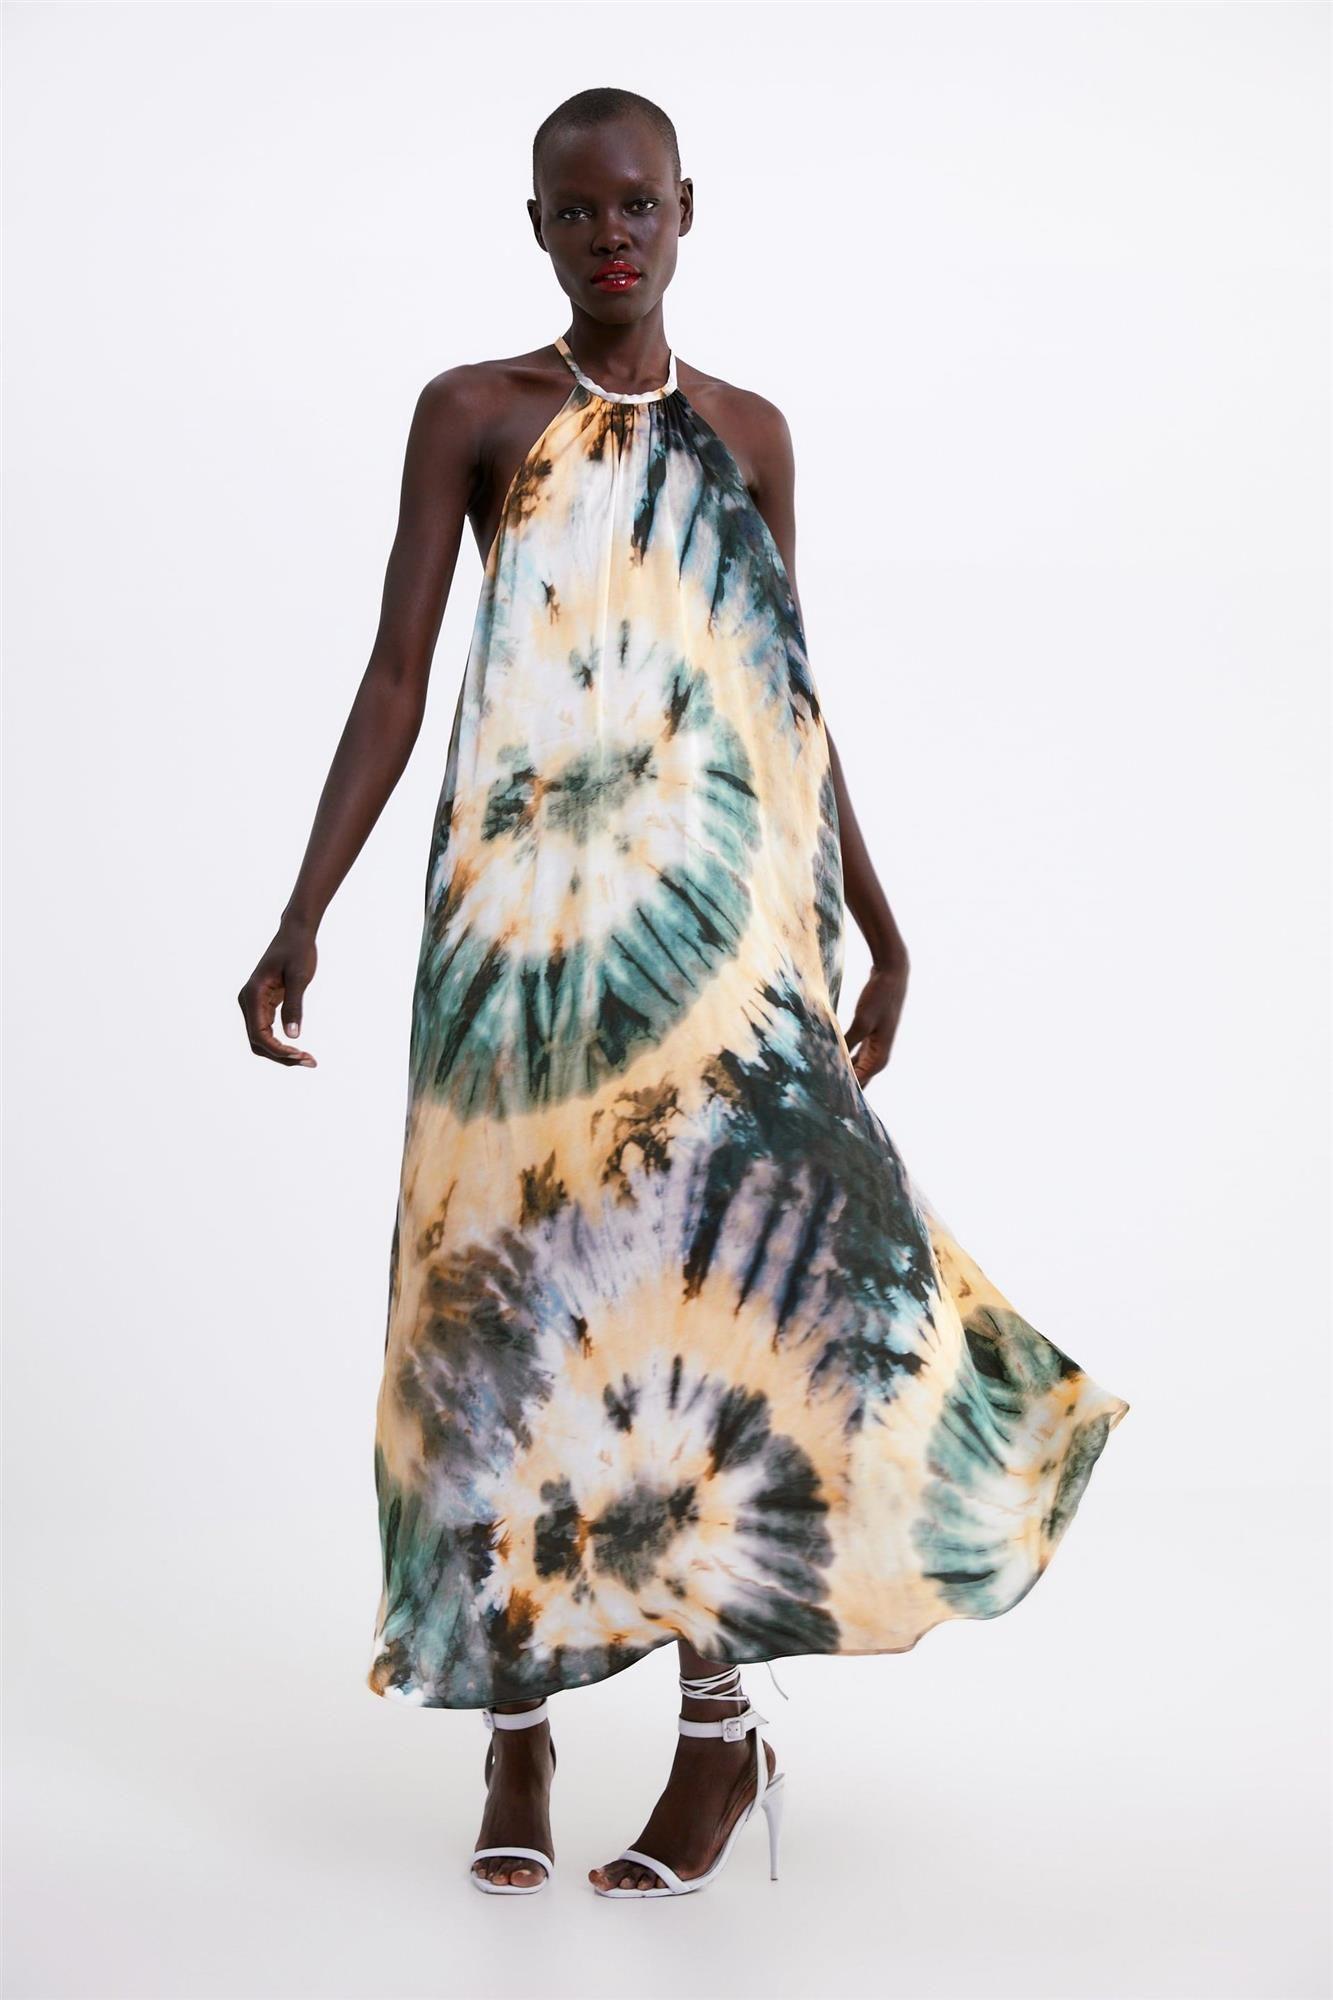 Vestido Estampado Tie Dye De Zara Vestidos Largos Estampados Vestidos Animal Print Vestidos Maxi De Verano